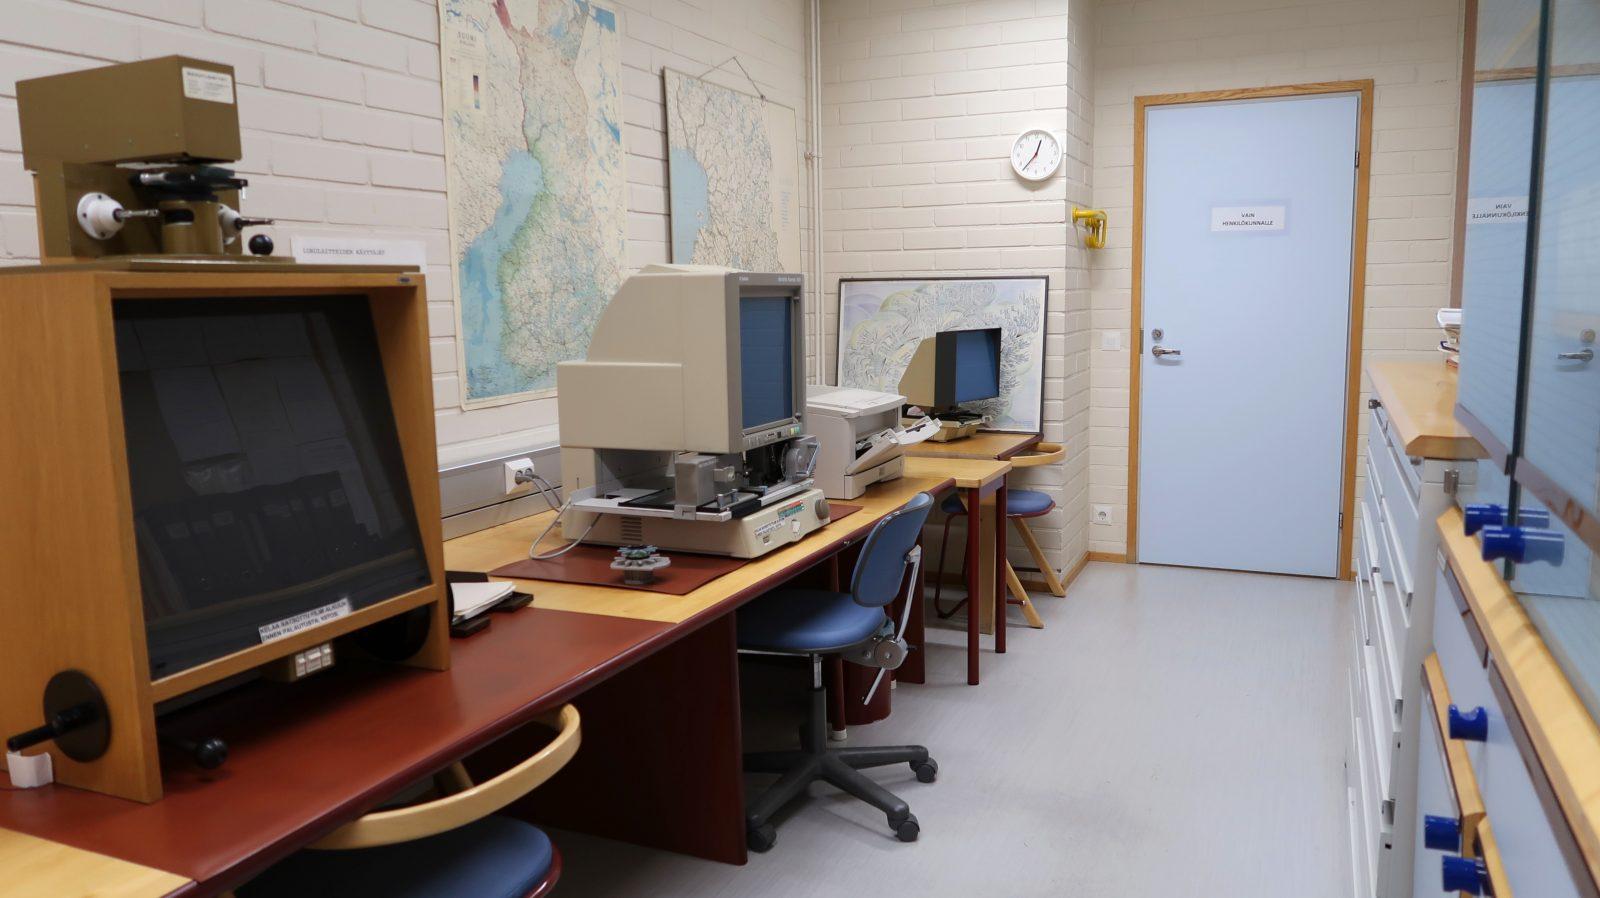 Pääkirjastossa on käytössä mikrofilmien lukulaite